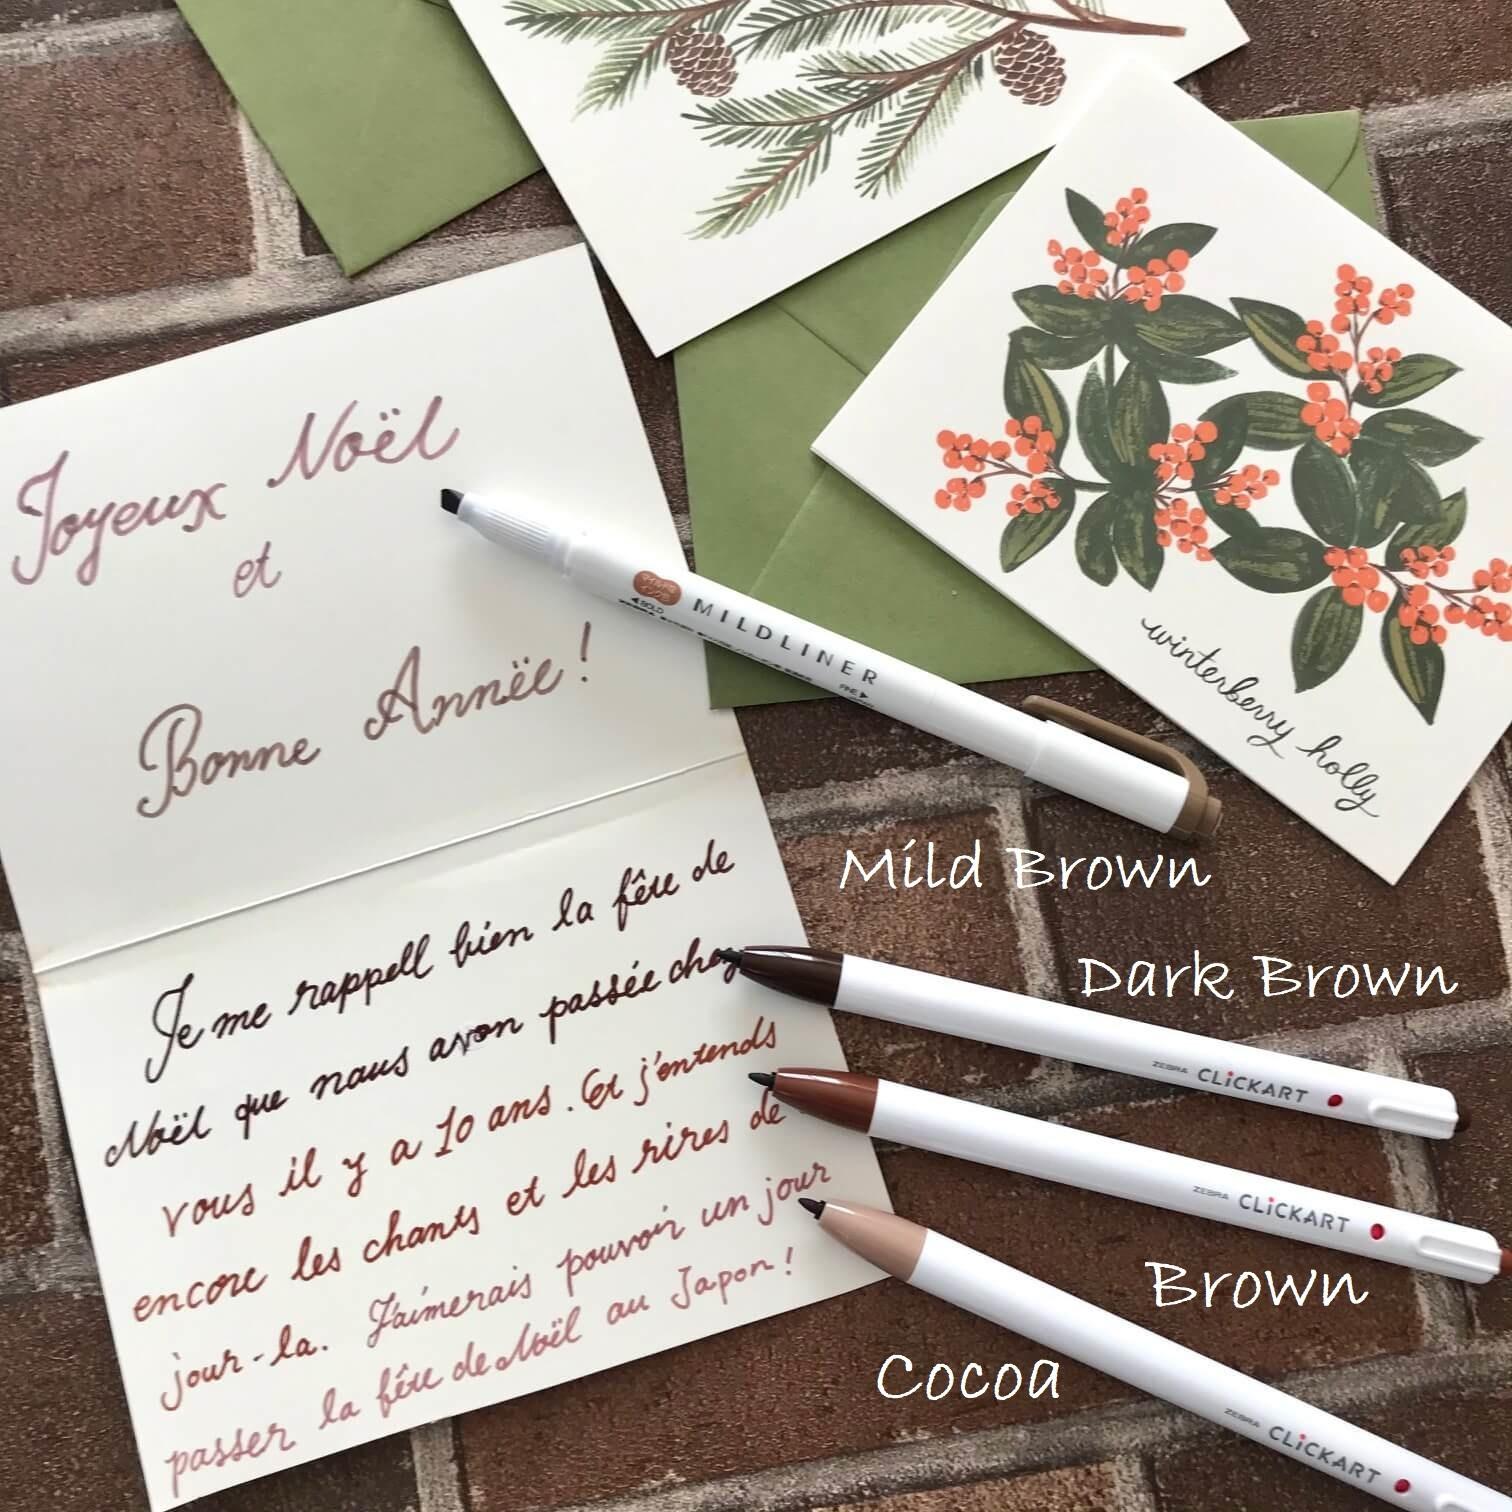 ブラウンのペン使用画像